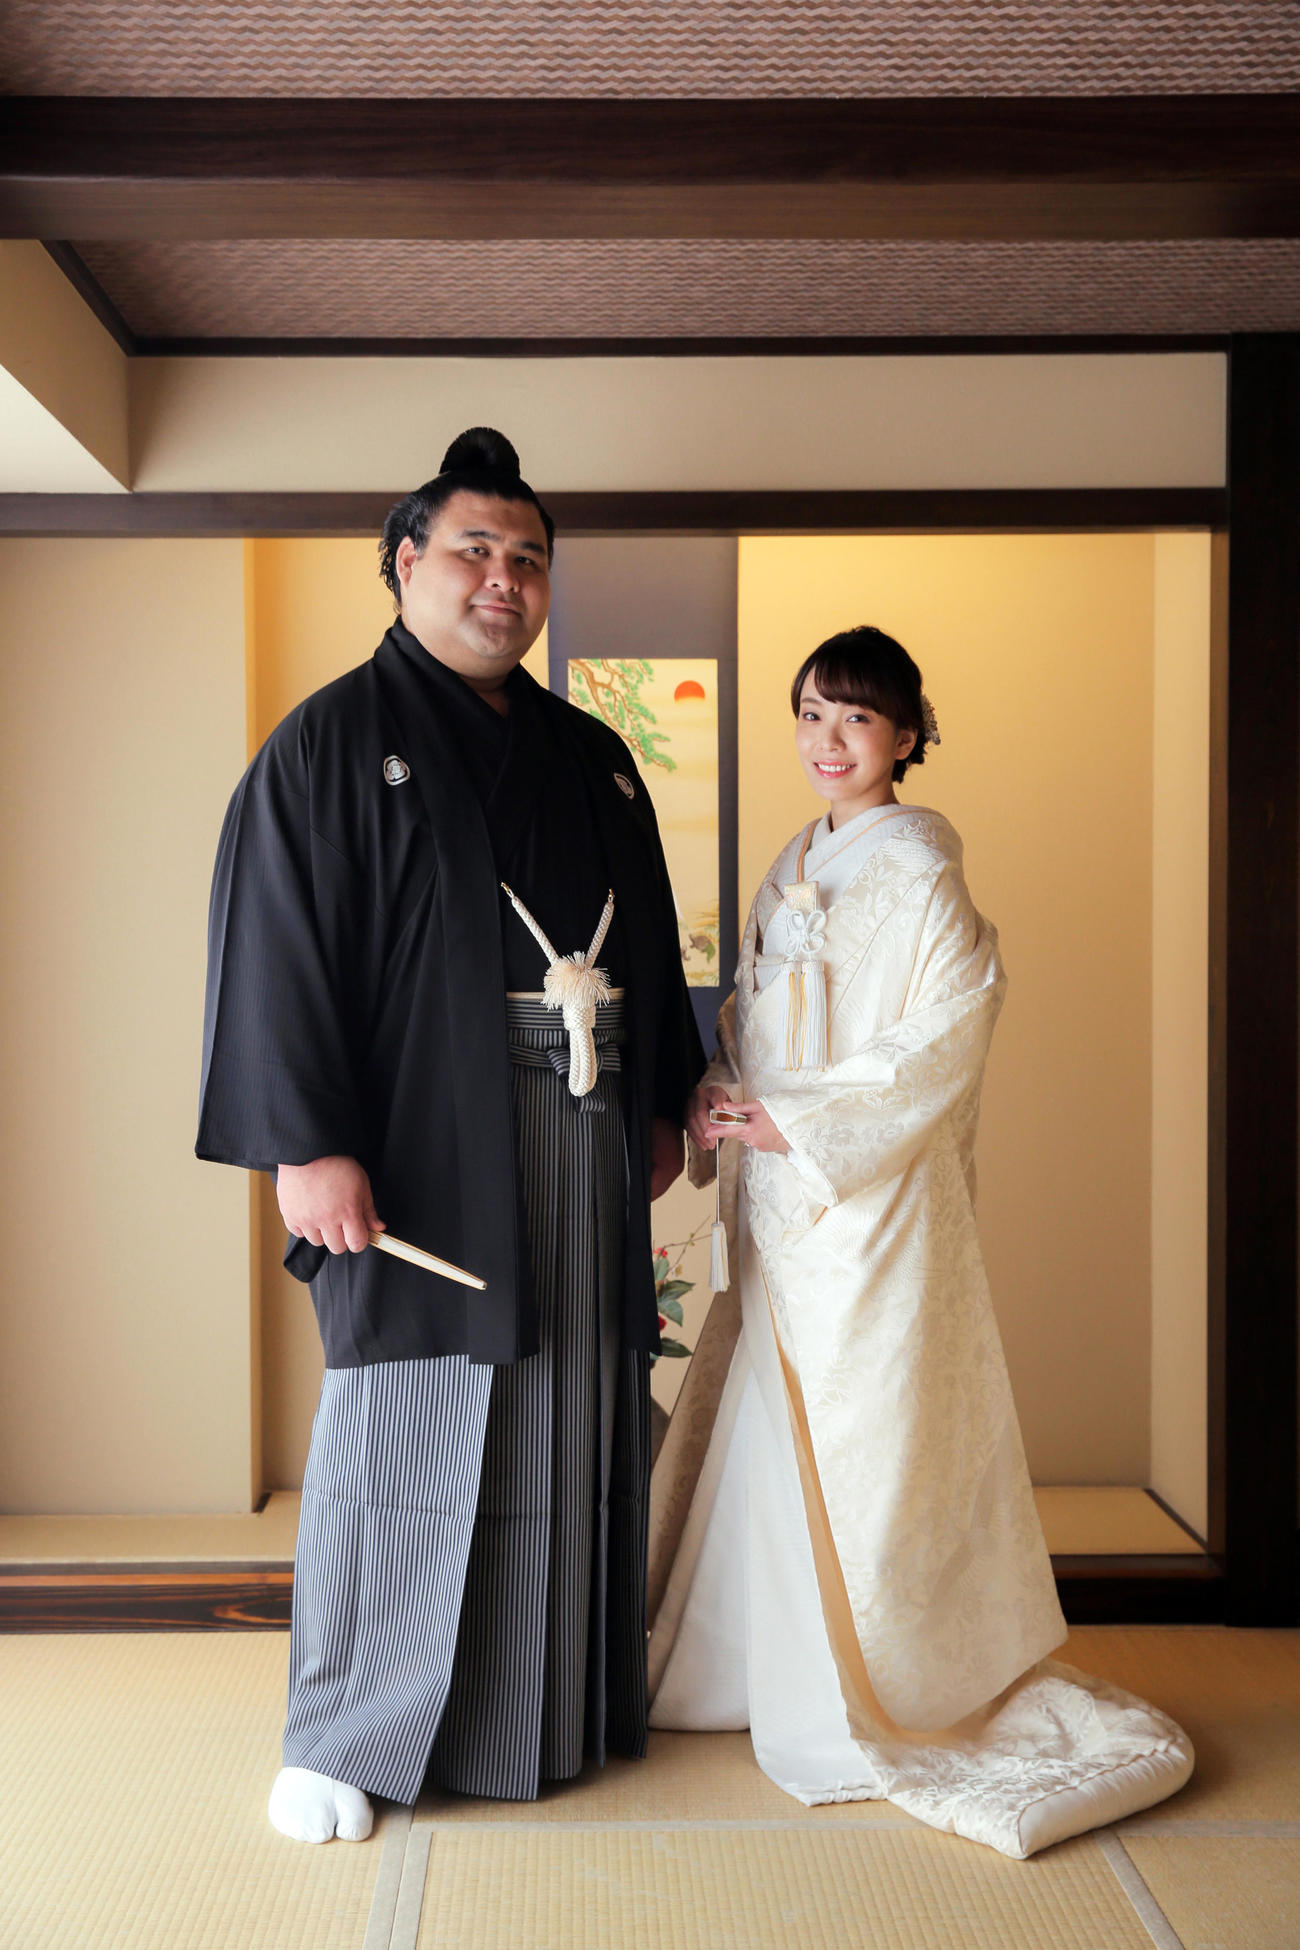 高安と杜このみ7月に結婚していた 杜は妊娠4カ月 - 結婚・熱愛 ...